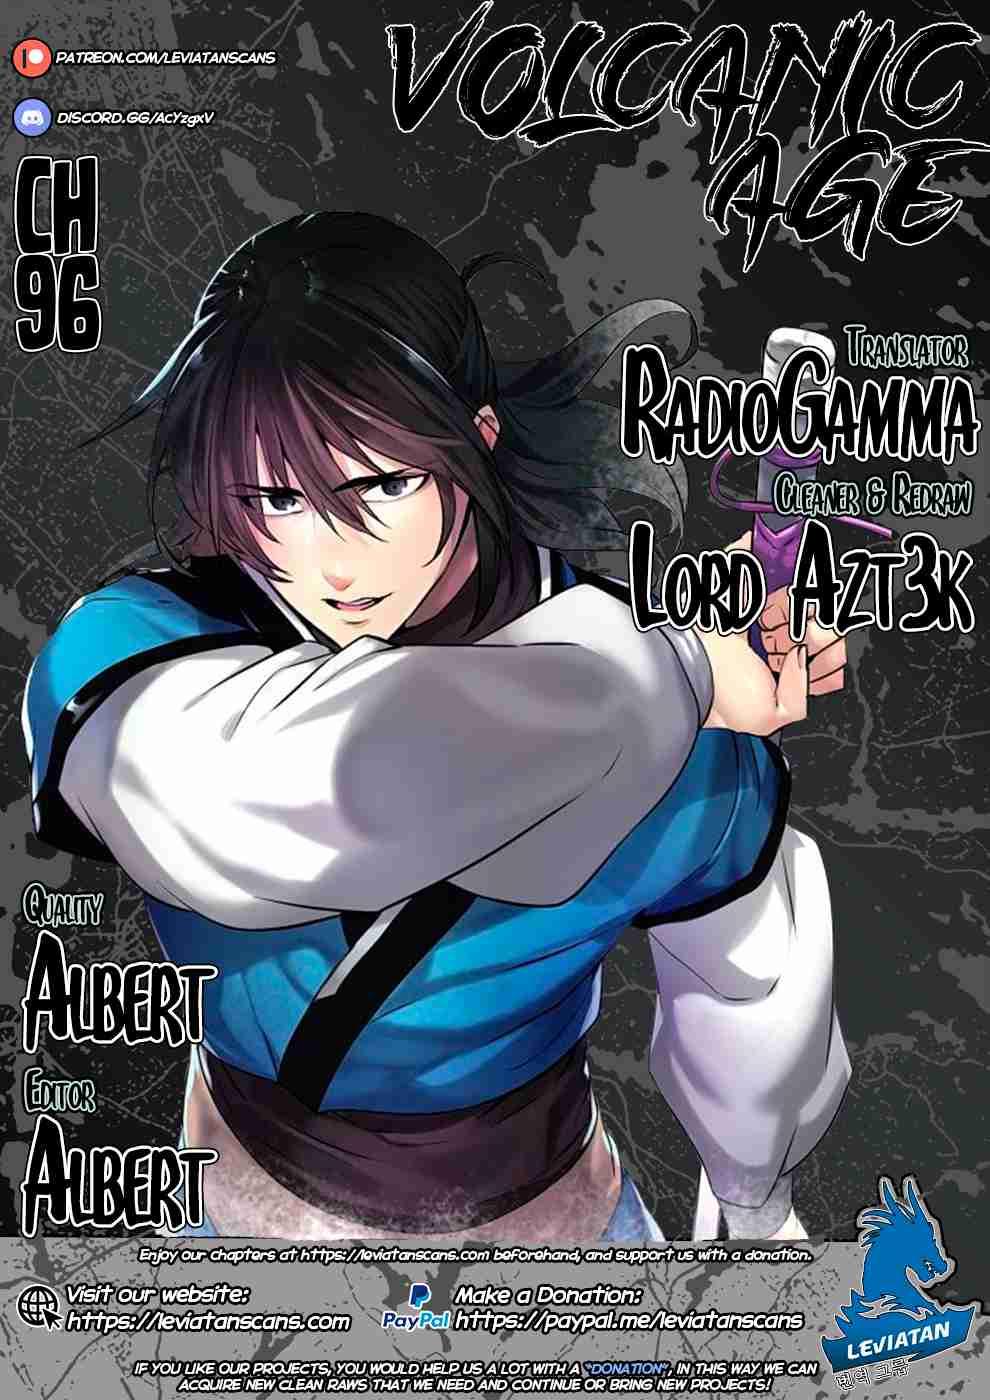 https://manga.mangadogs.com/comics/pic2/2/20226/825867/7c9c47db388f0f6780f93d7d02a9f9de.jpg Page 1